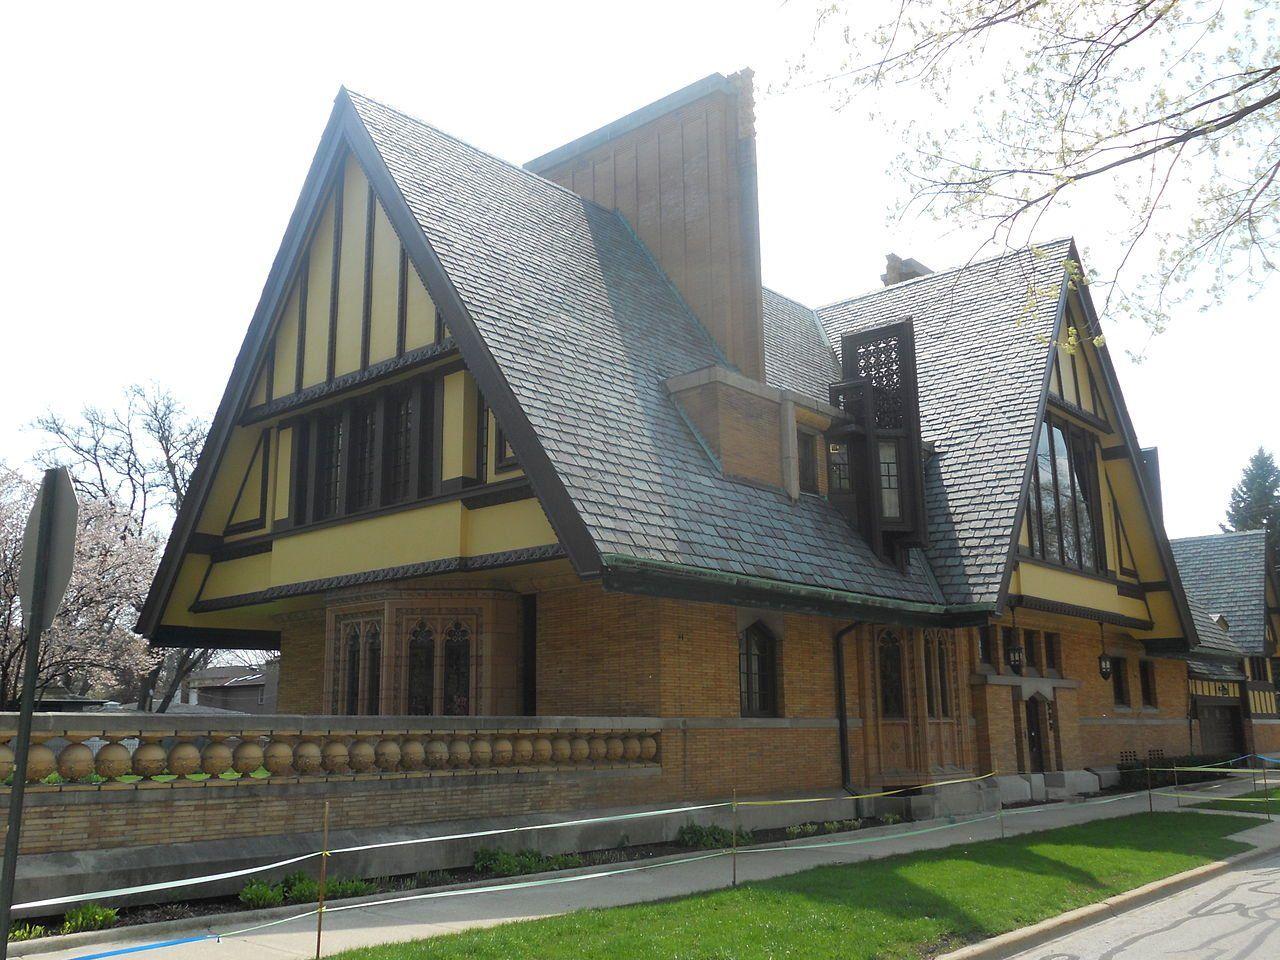 Casa Nathan G. Moore (1895)